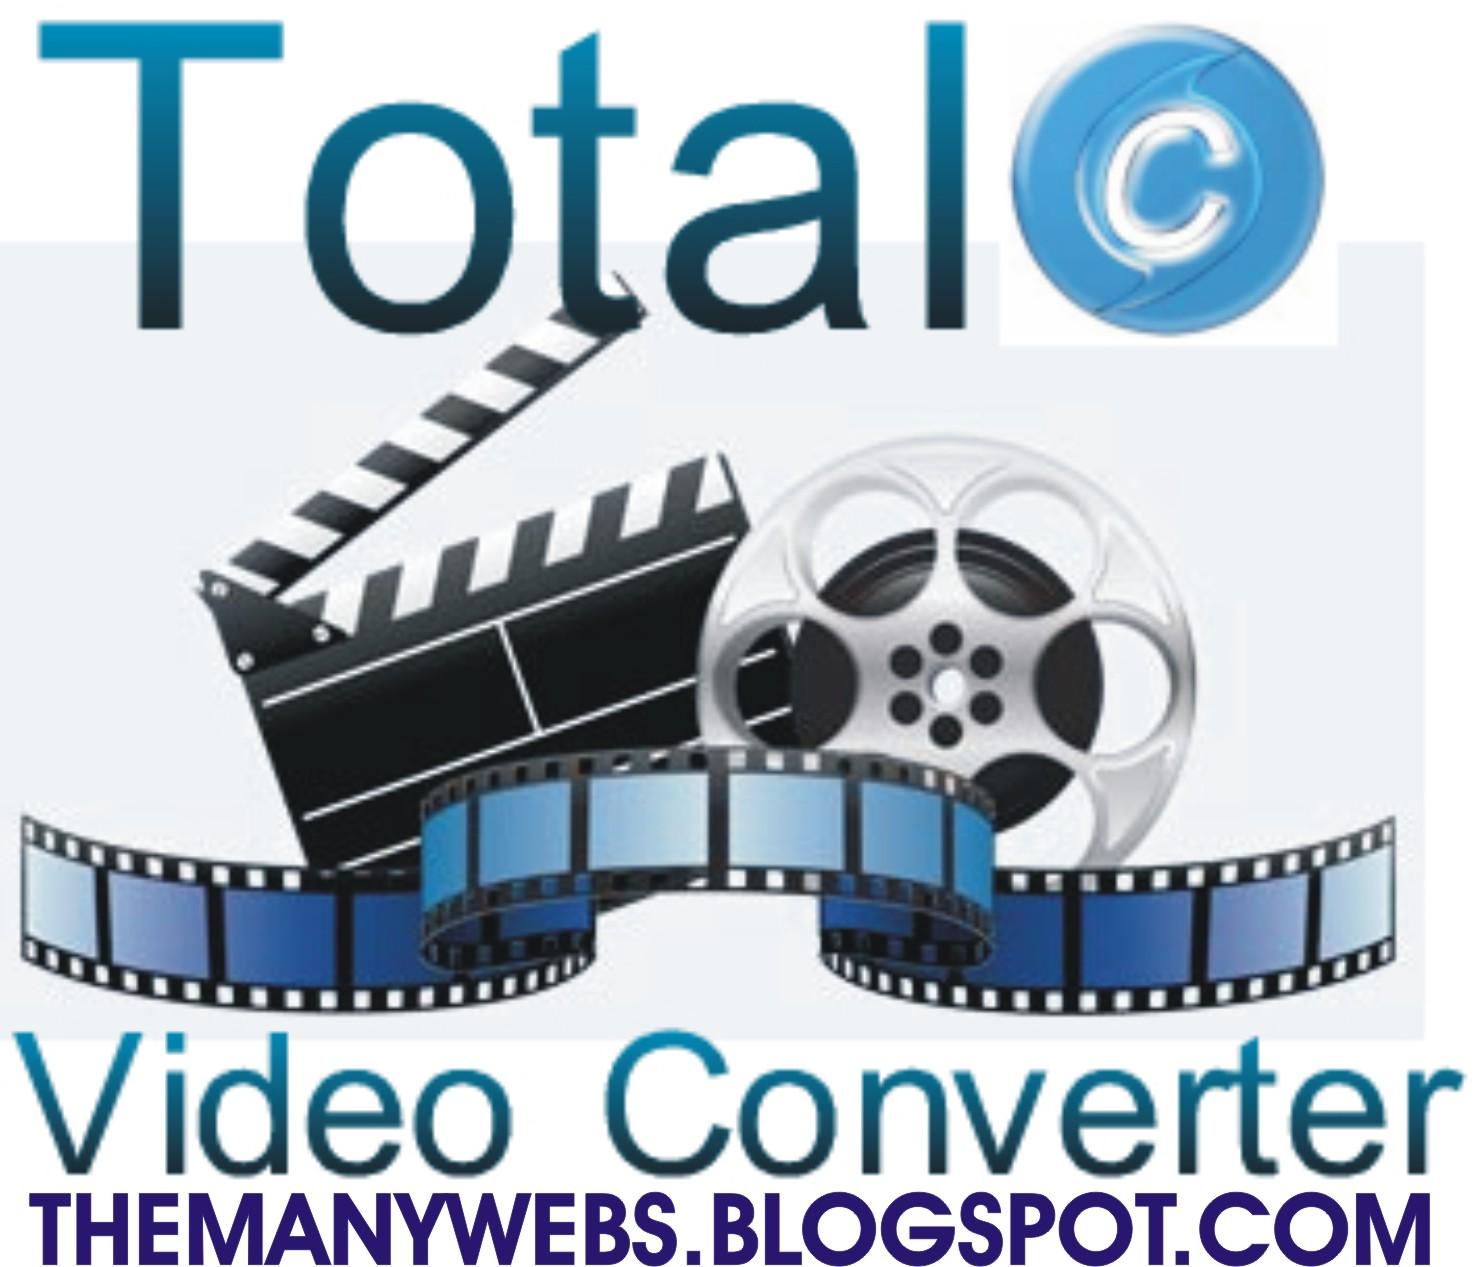 http://4.bp.blogspot.com/-qH1HgGM77gM/T3mUNsK3l5I/AAAAAAAAAKE/dQ3-kIK1naA/s1600/VIDEO%2BCONVERTER.jpg